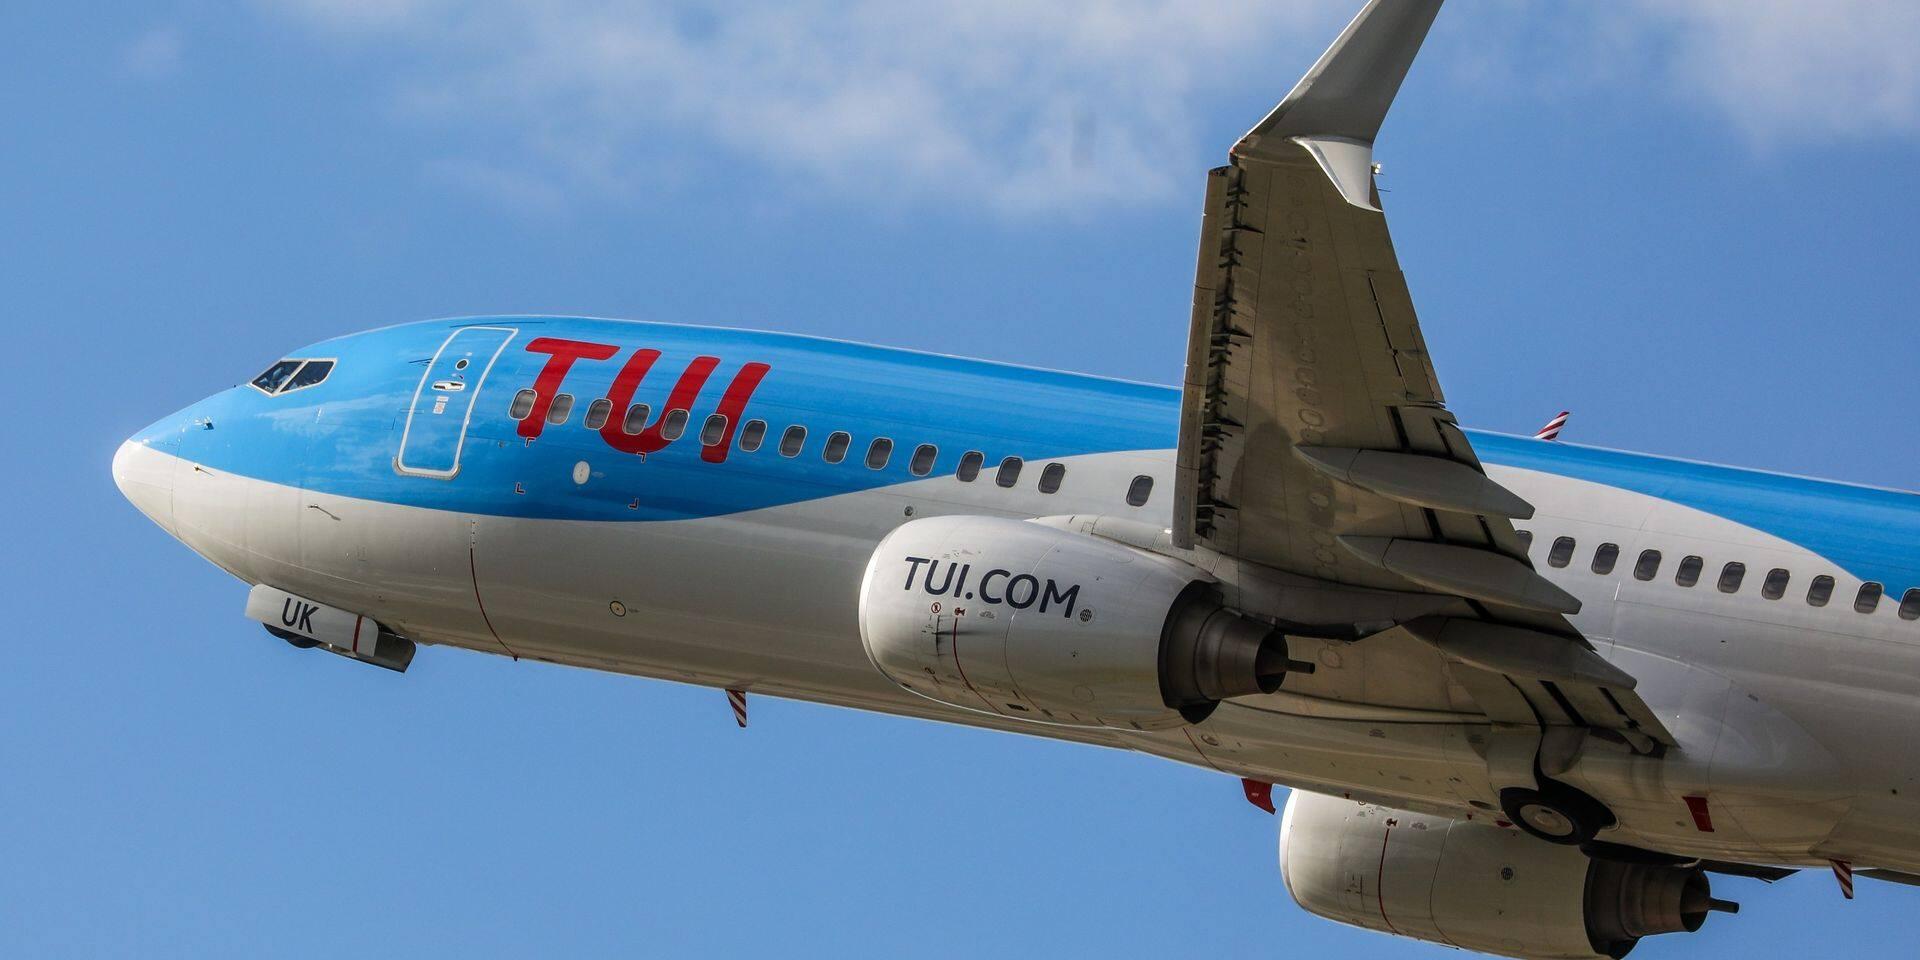 """Test Achats surveille les compagnies aériennes: """"TUIfly continue à proposer des vouchers illégaux"""""""